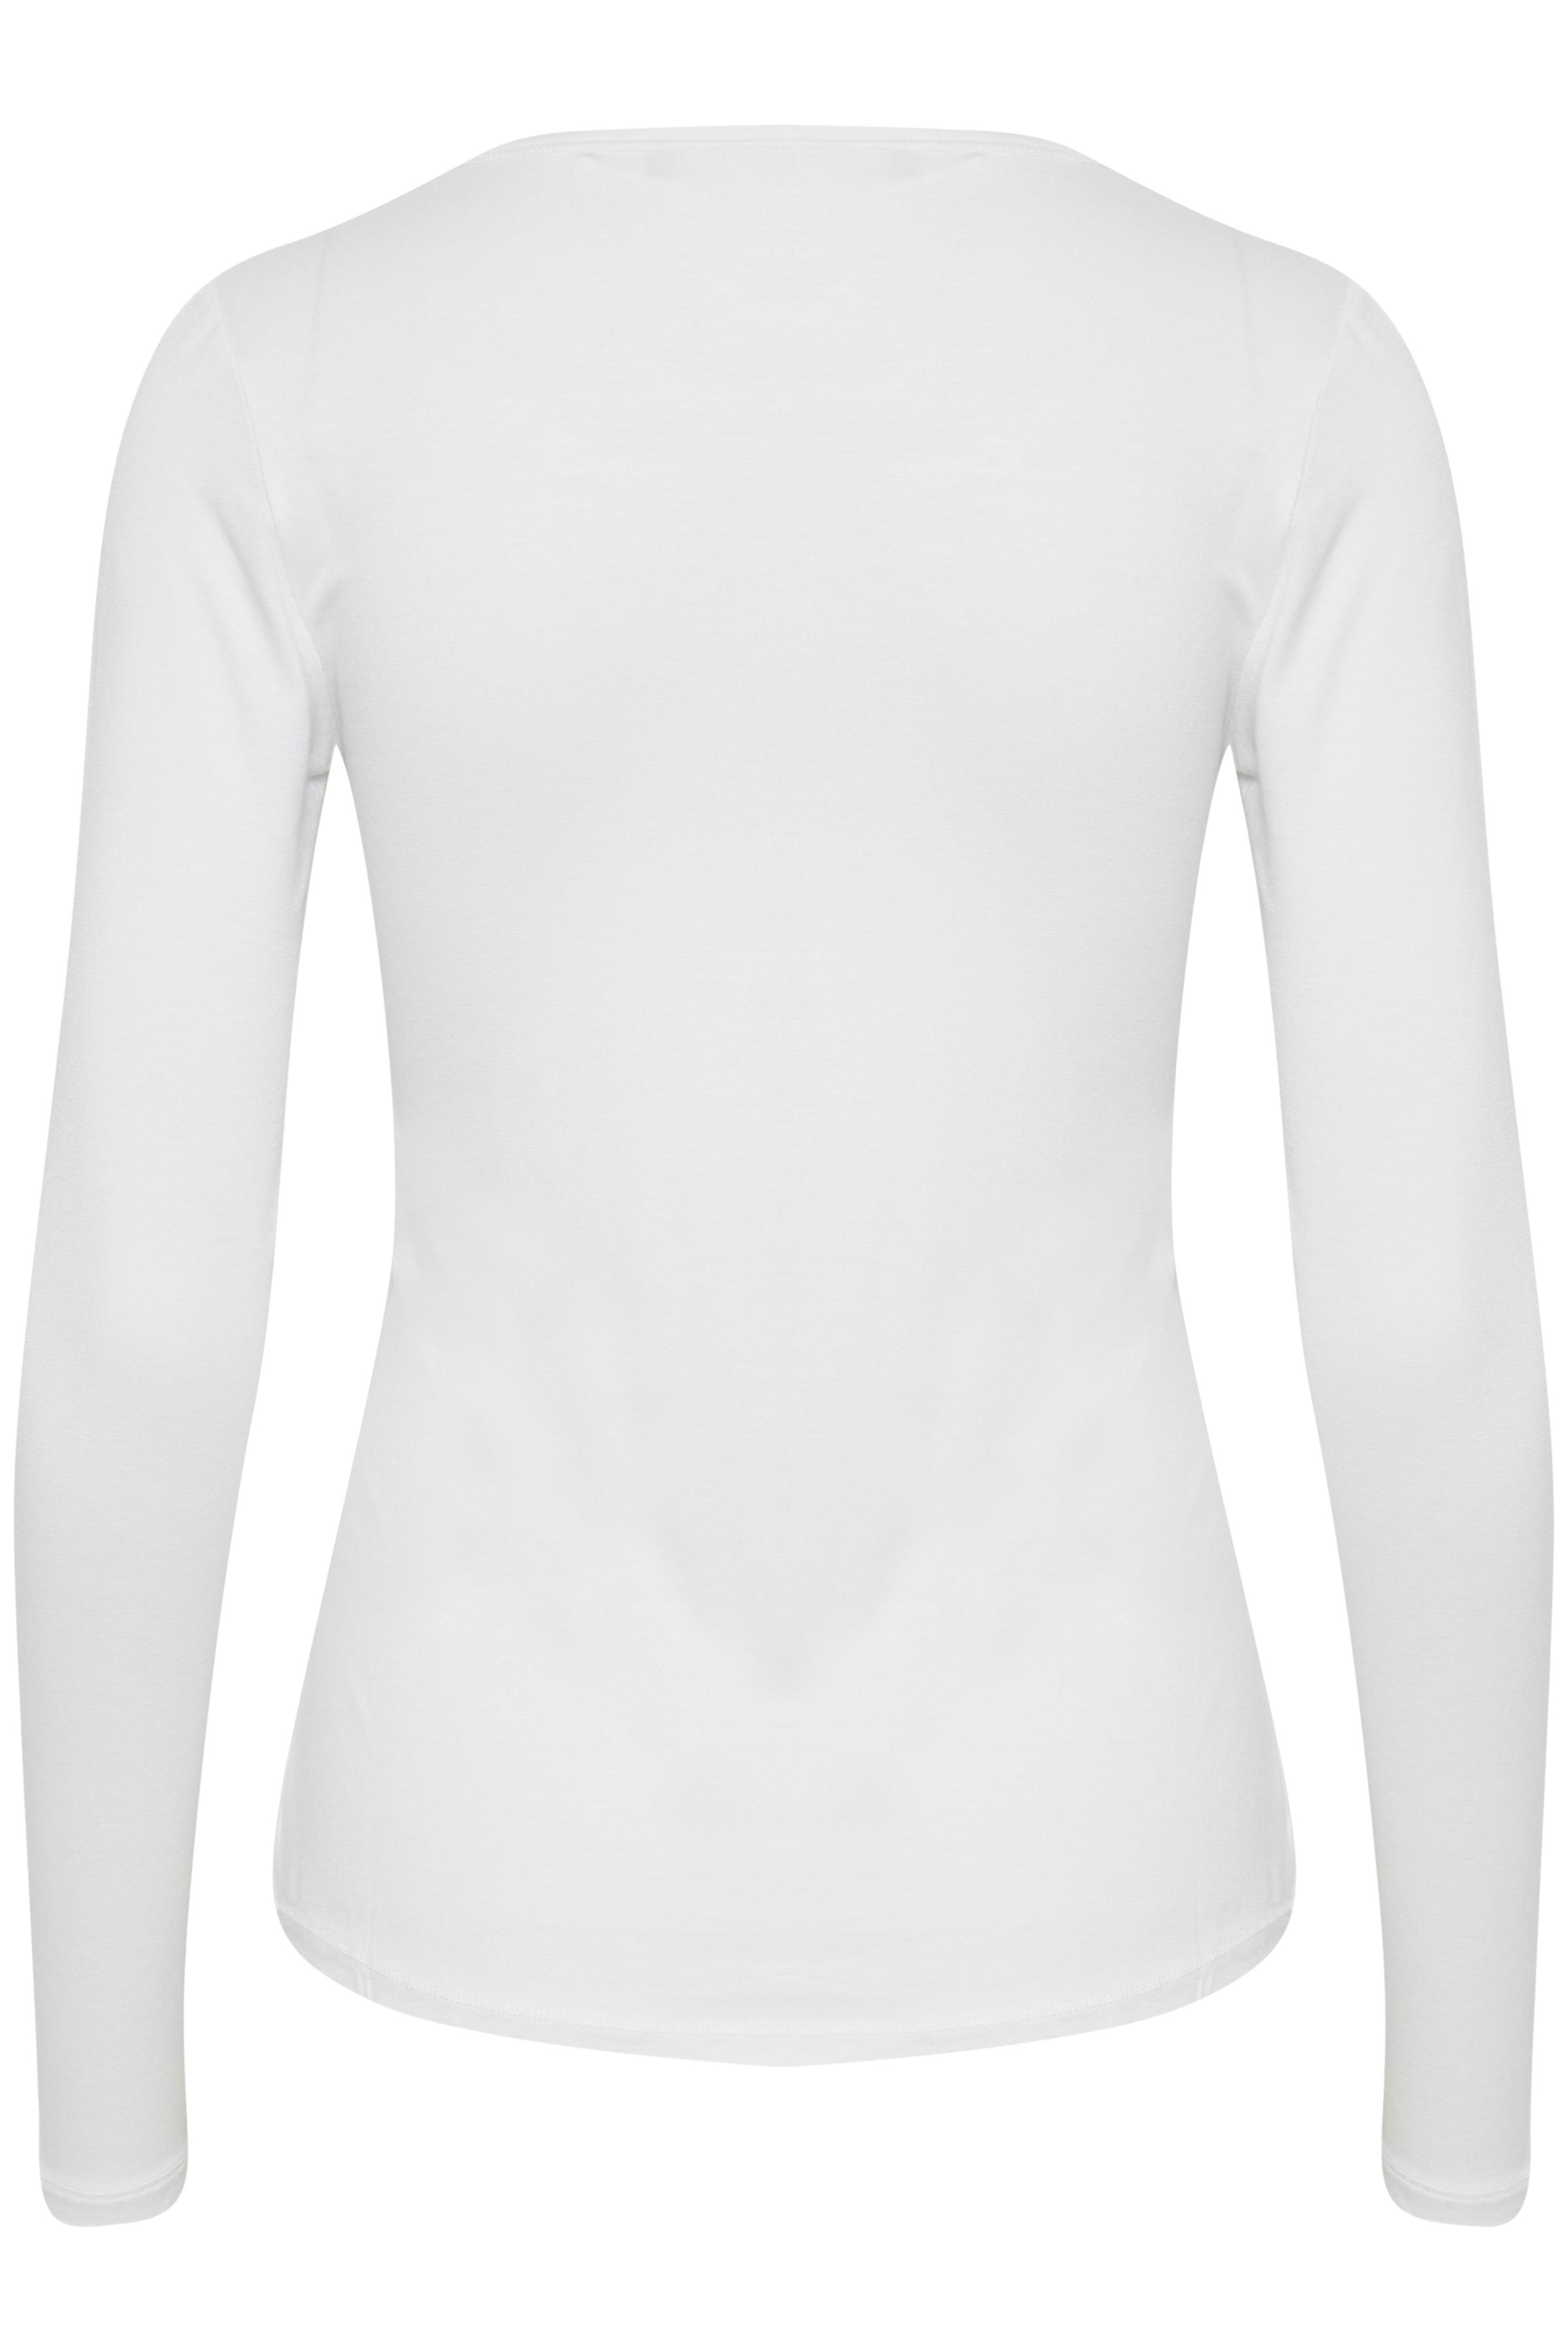 Wit T-shirt lange mouw van Fransa – Door Wit T-shirt lange mouw van maat. XS-XXL hier